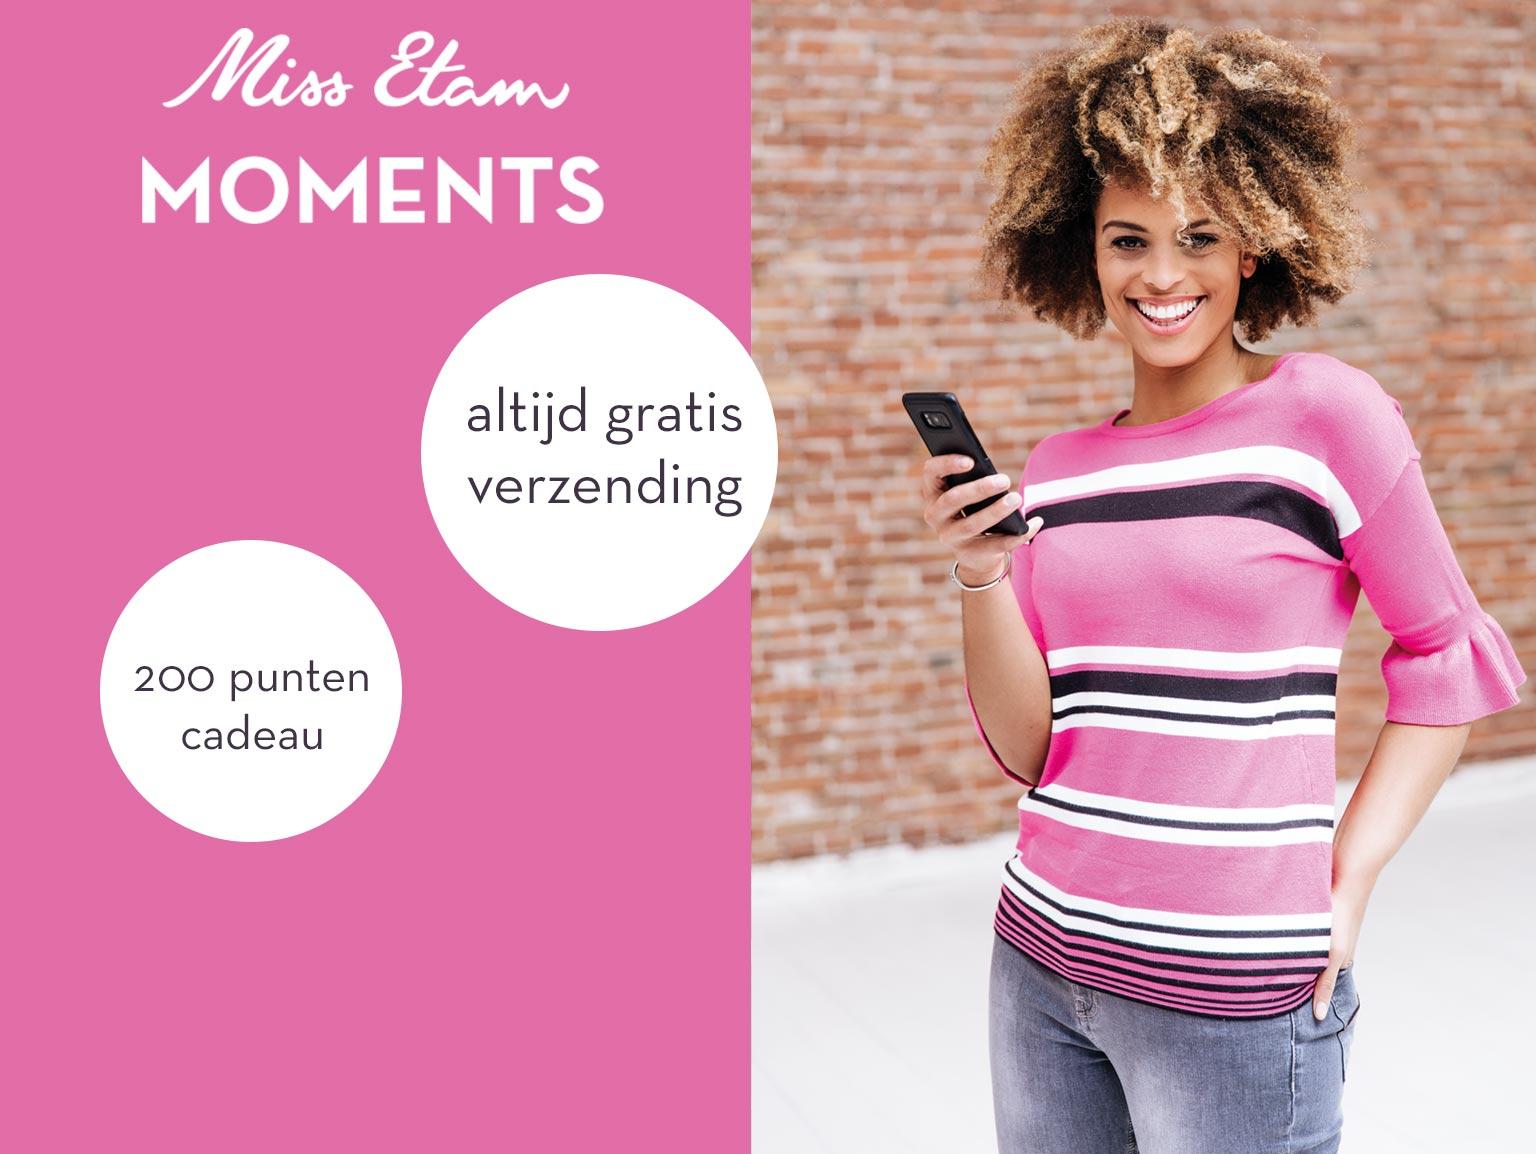 Gratis verzending met miss etam moments (lees beschrijving)